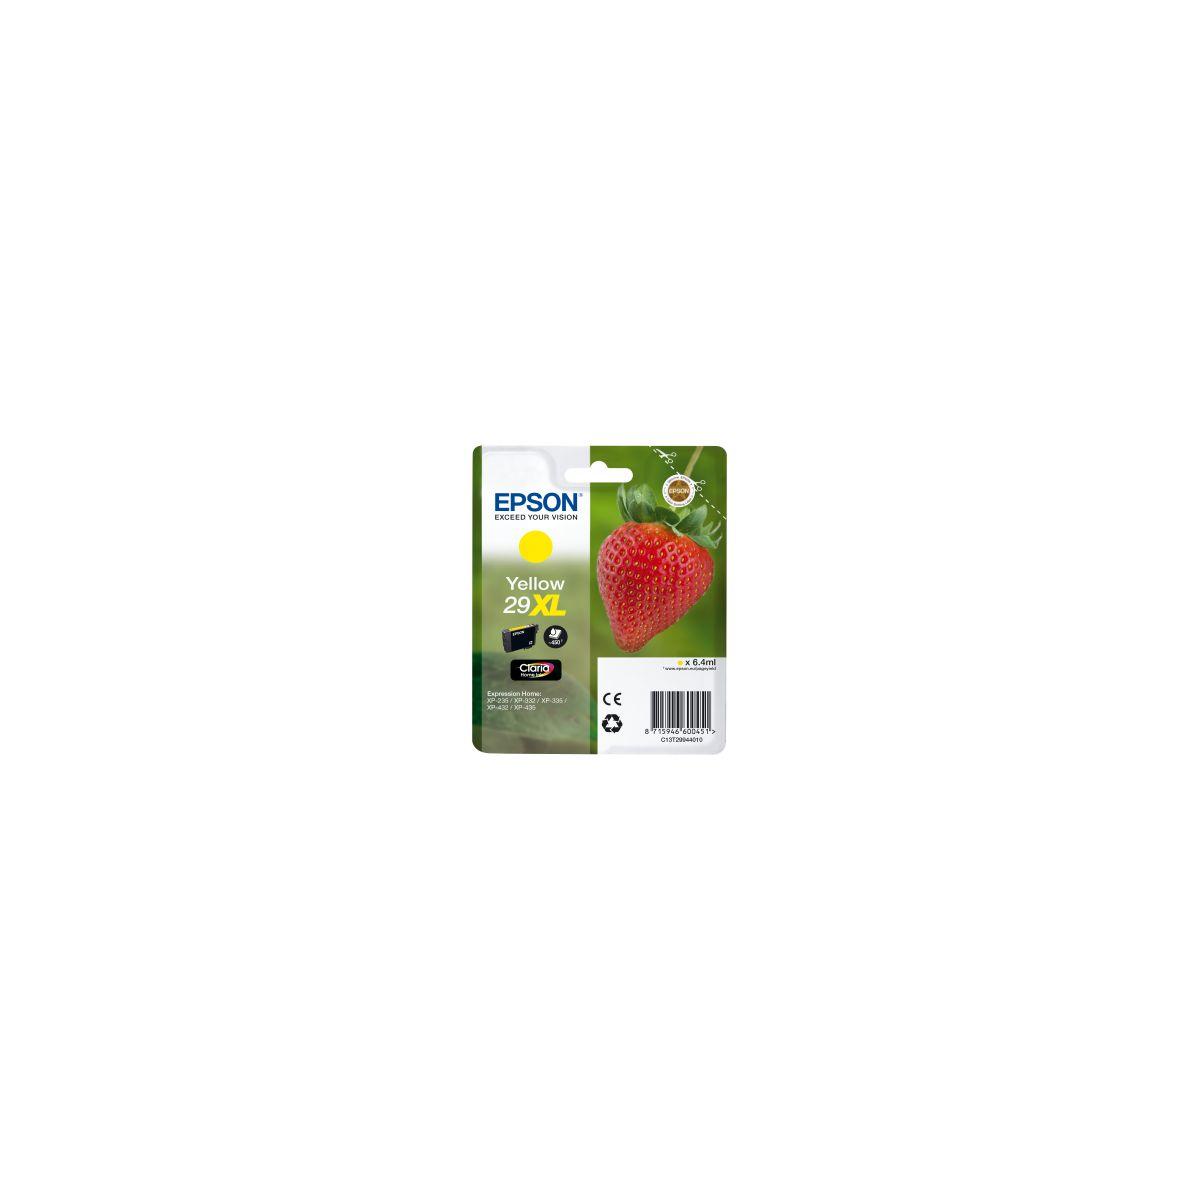 Cartouche d'encre epson t2994 jaune xl s?rie fraise